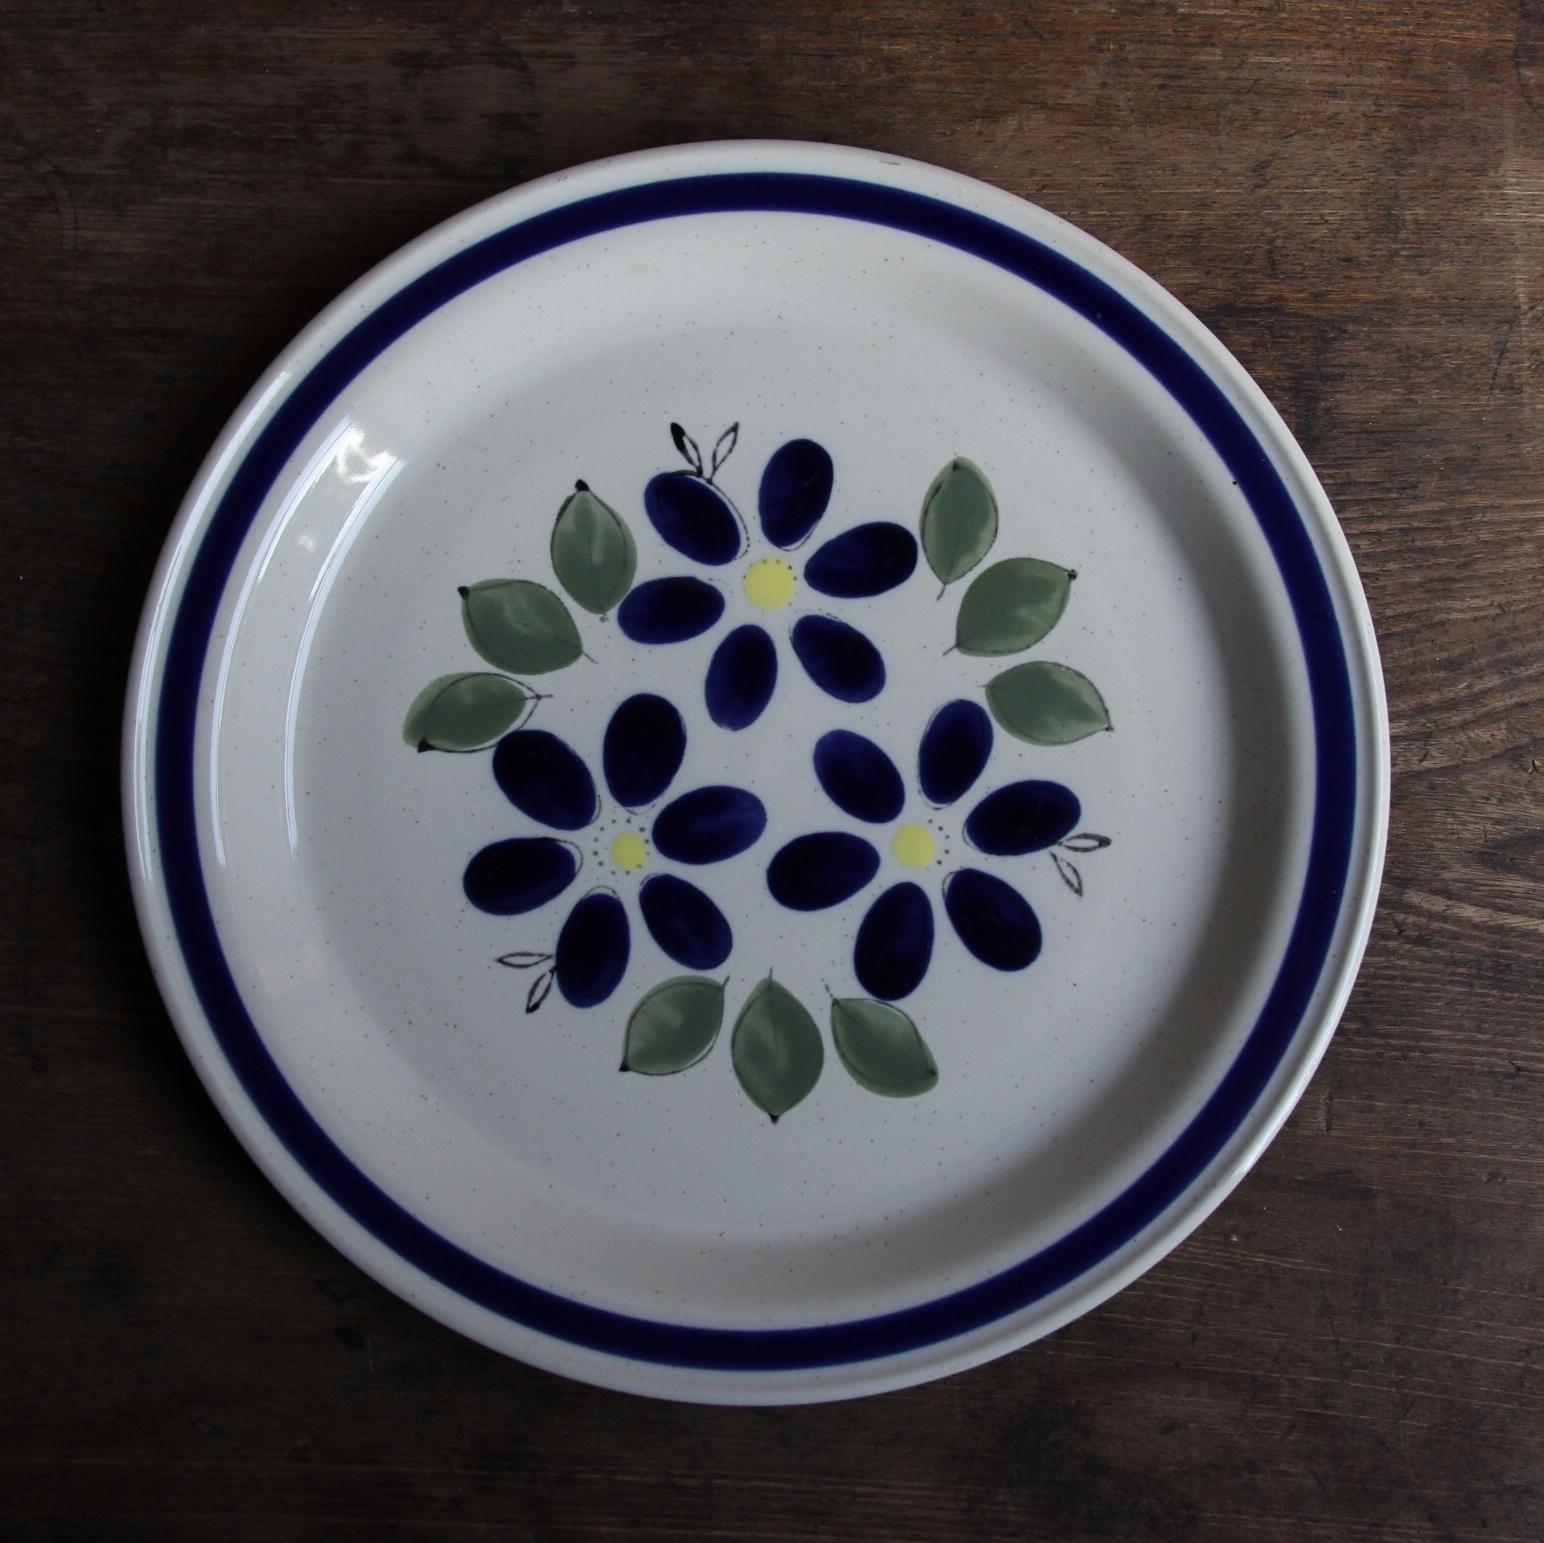 青の花柄 ストーンウェア 在庫1枚